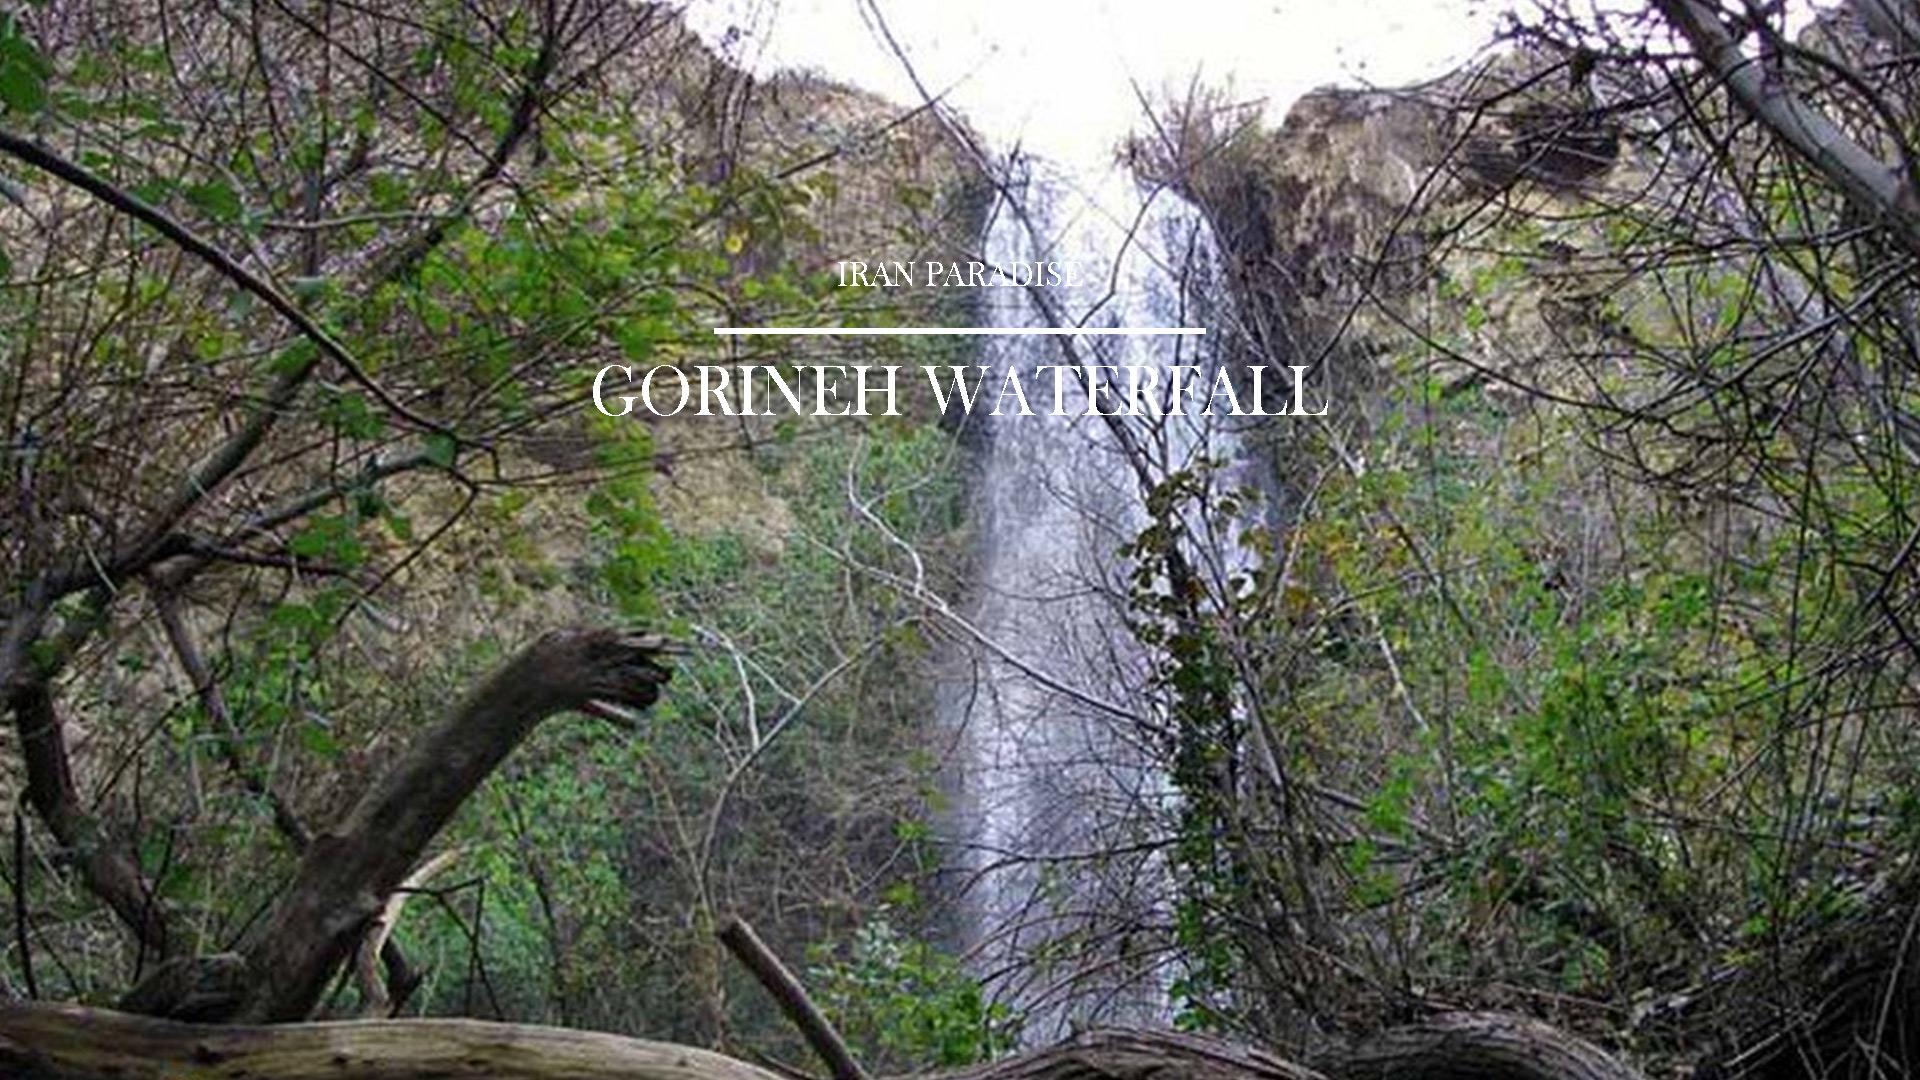 gorineh-waterfall